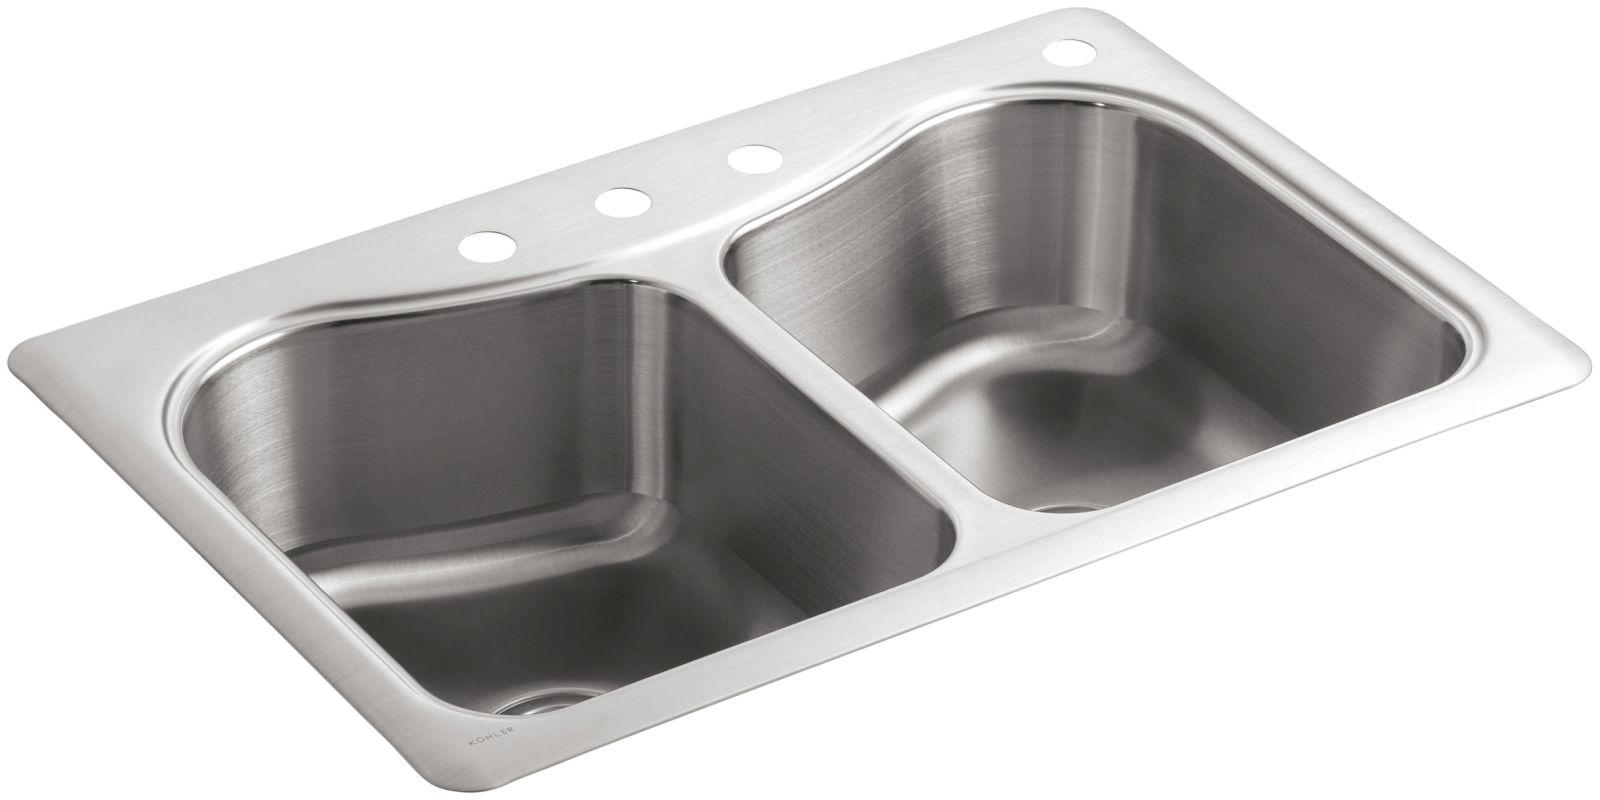 Kohler Stainless Steel Kitchen Faucets : Kohler K-3369-4-NA Stainless Steel Staccato 33